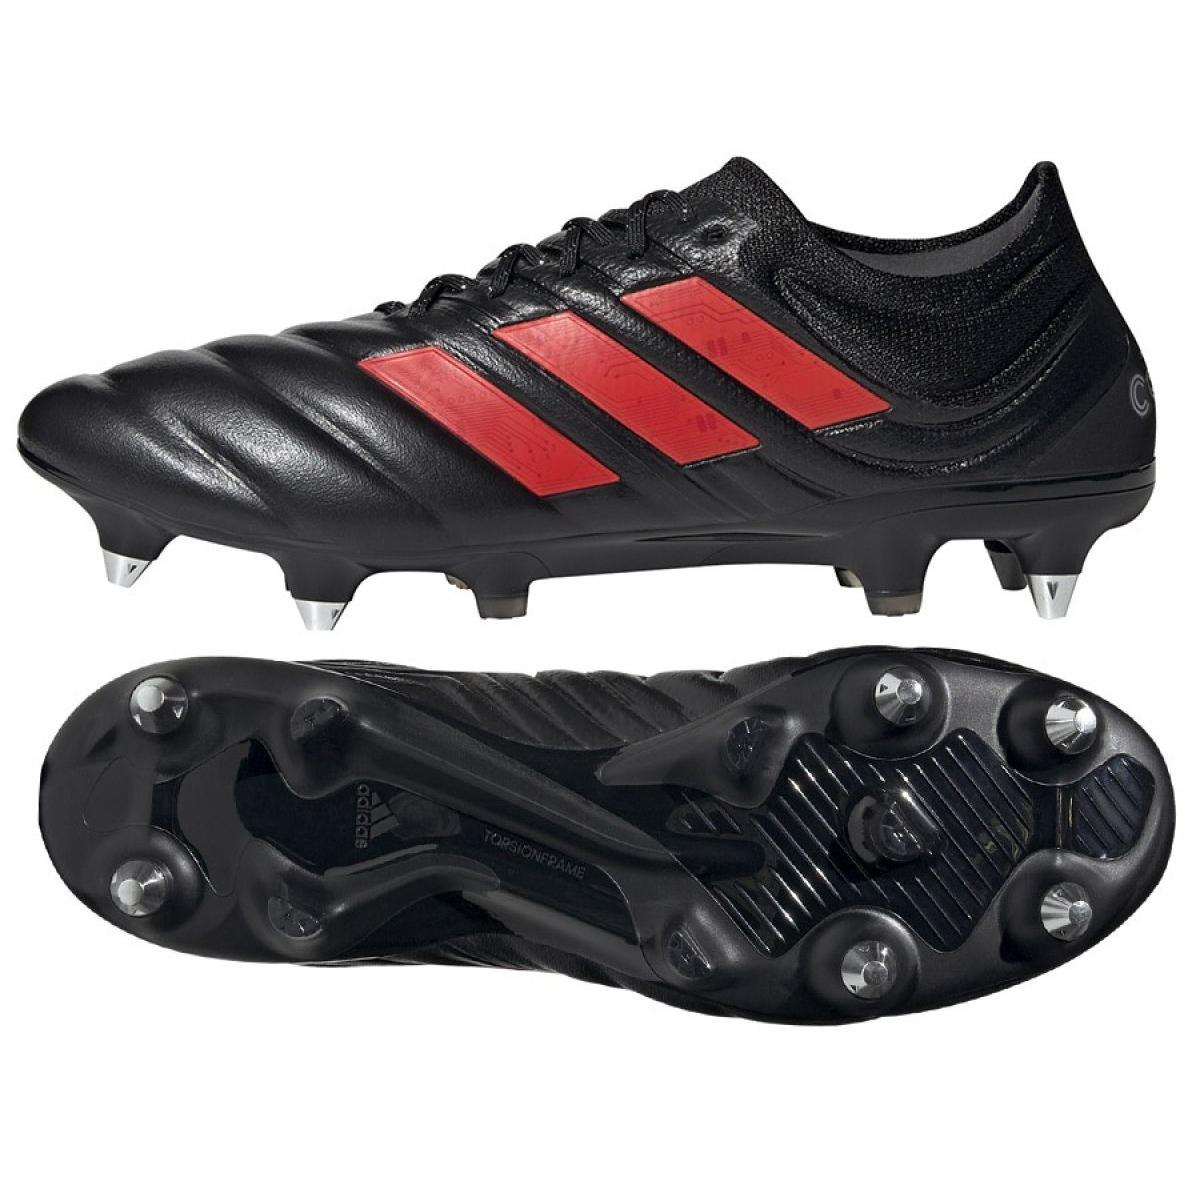 Adidas Copa 19 1 Sg M G26642 Fussballschuhe Schwarz Rot Schwarz